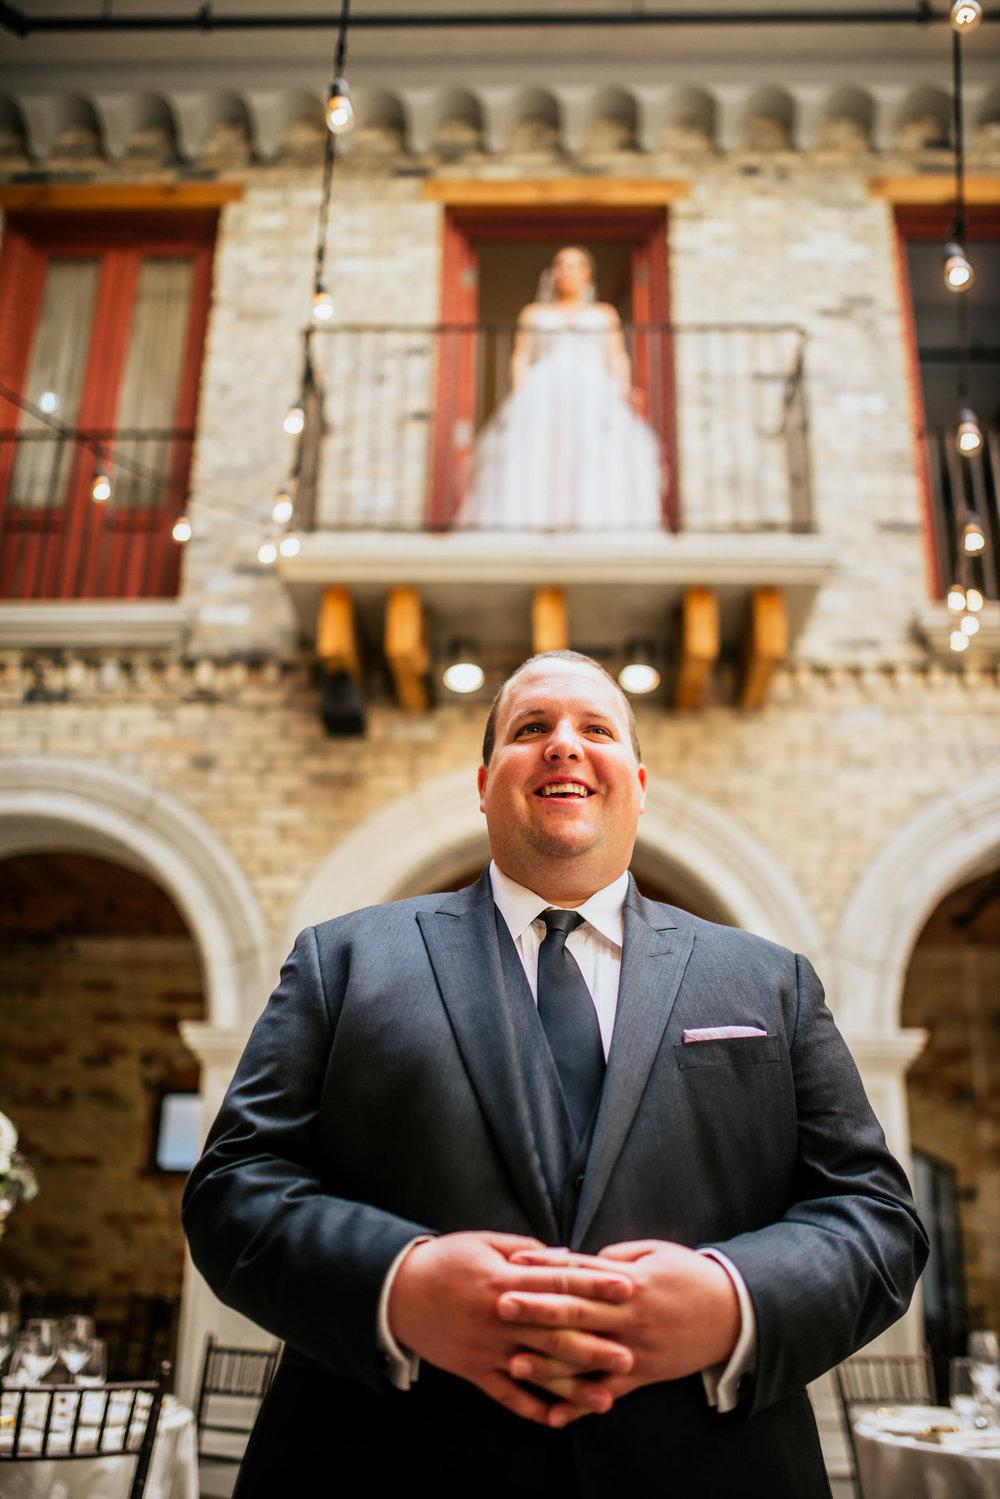 wedding-photography-stratford-davidiam-160.jpg